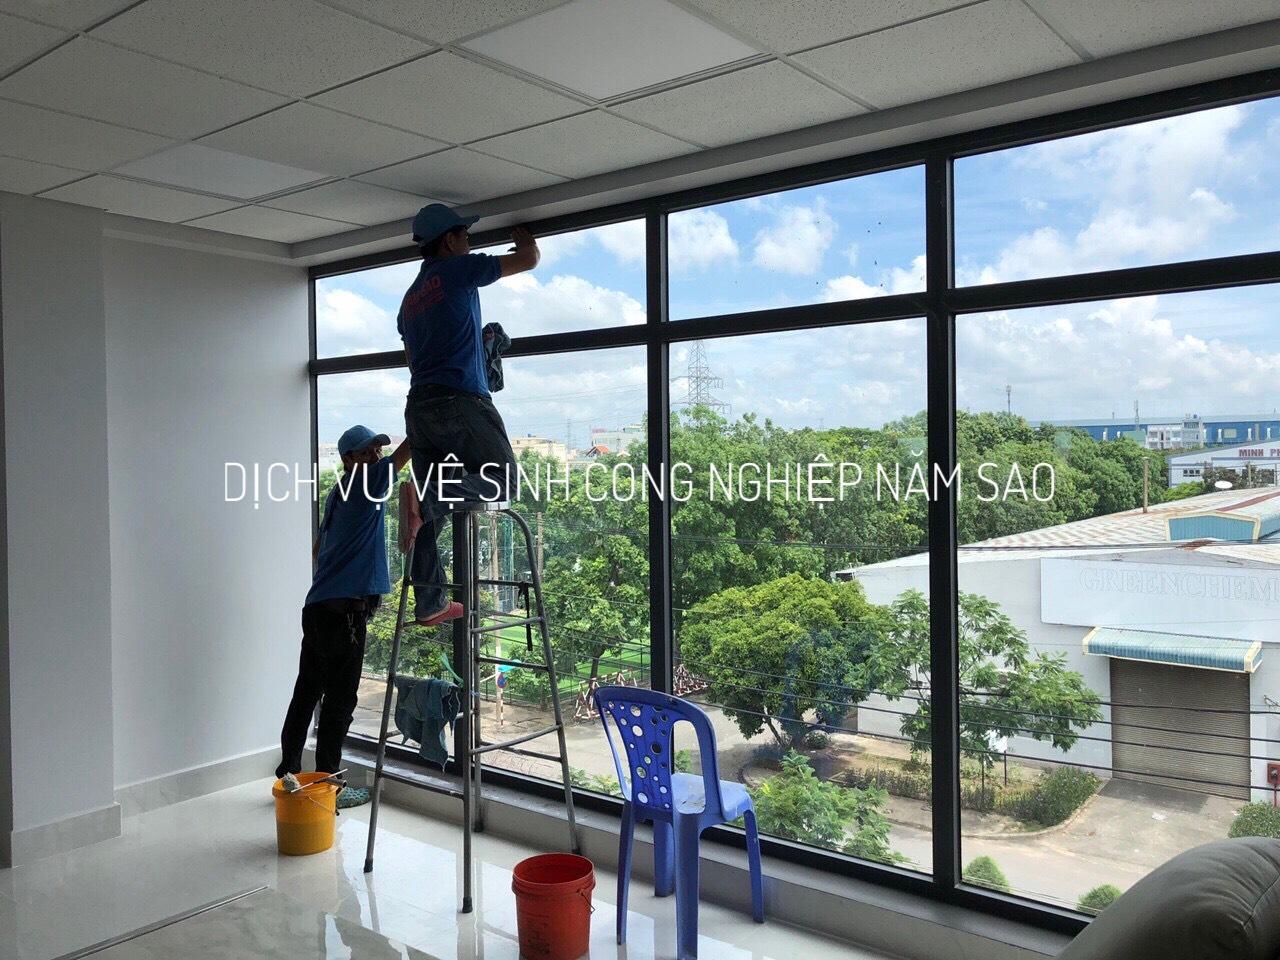 Thi công trọn gói dịch vụ lau kính nhà cao tầng giá rẻ nhất TpHCM